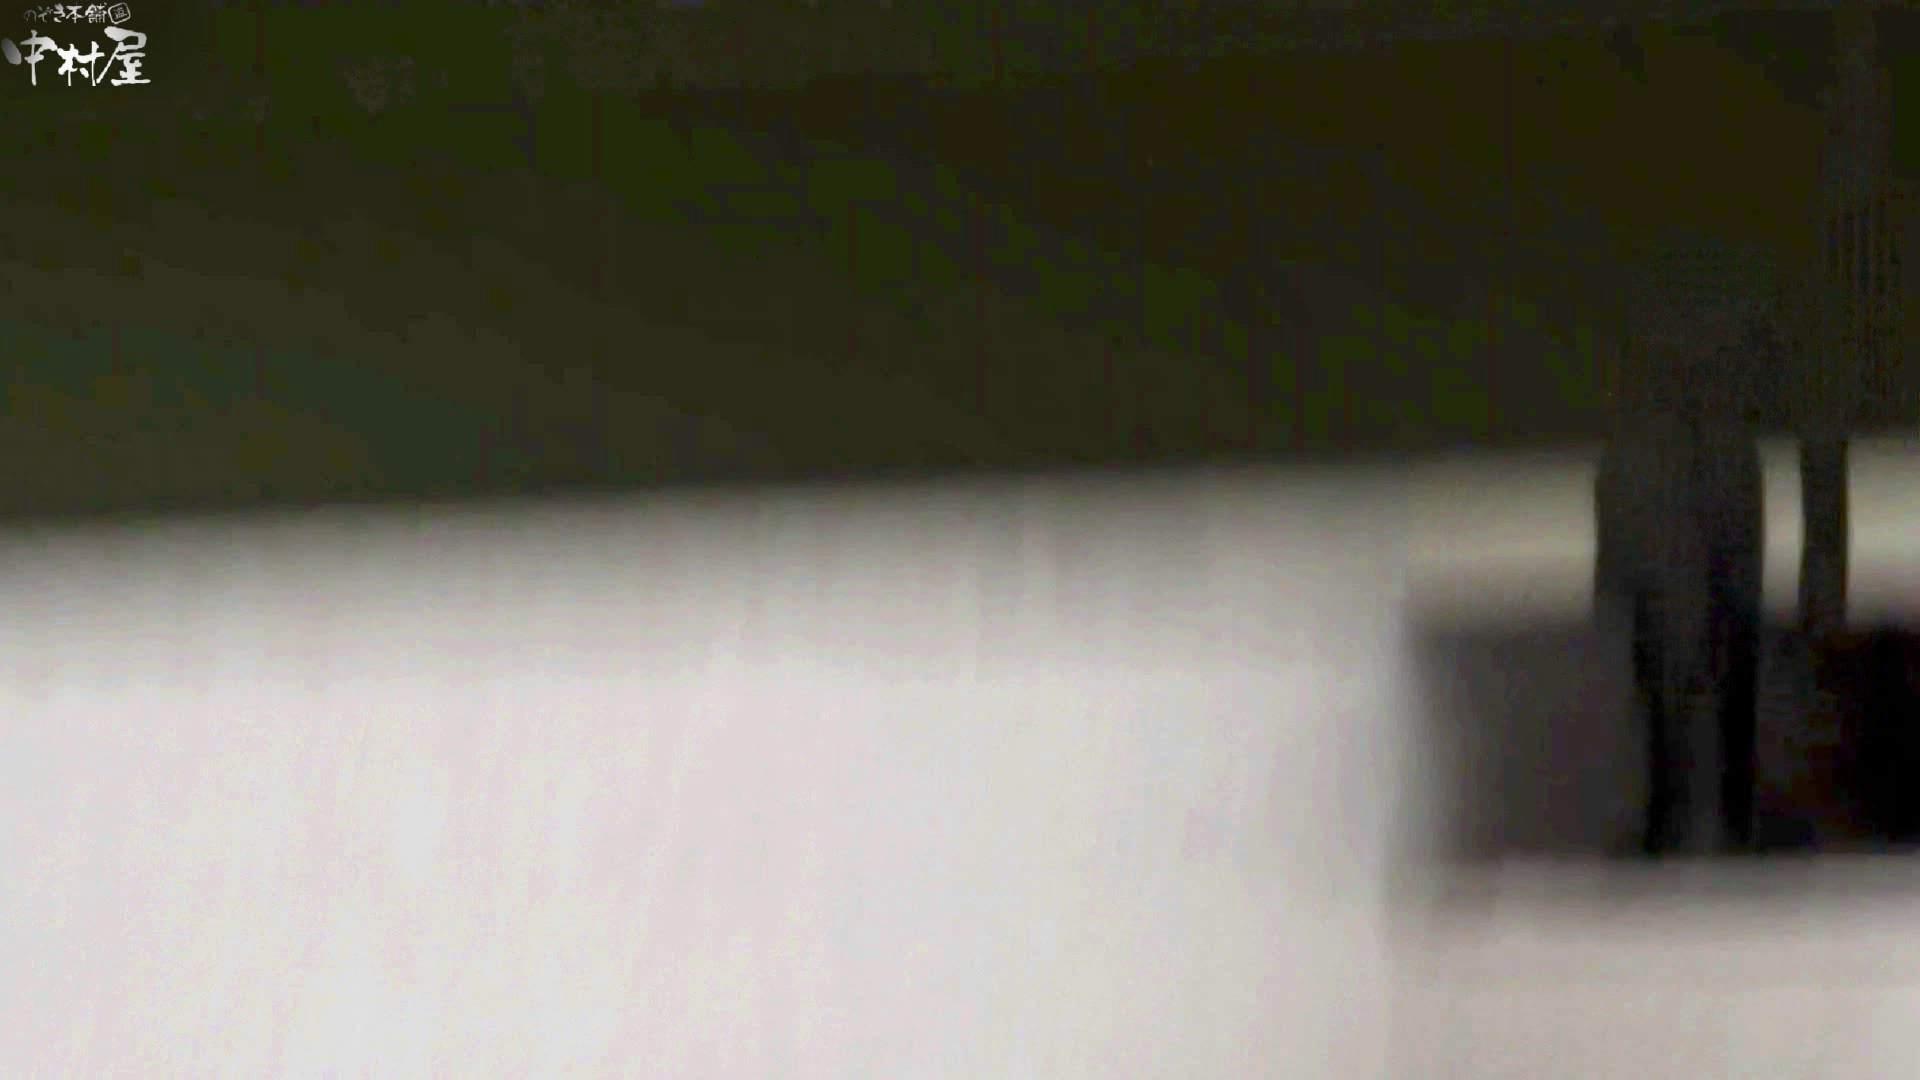 お市さんの「お尻丸出しジャンボリー」No.11 ギャルのマンコ おめこ無修正画像 11枚 4